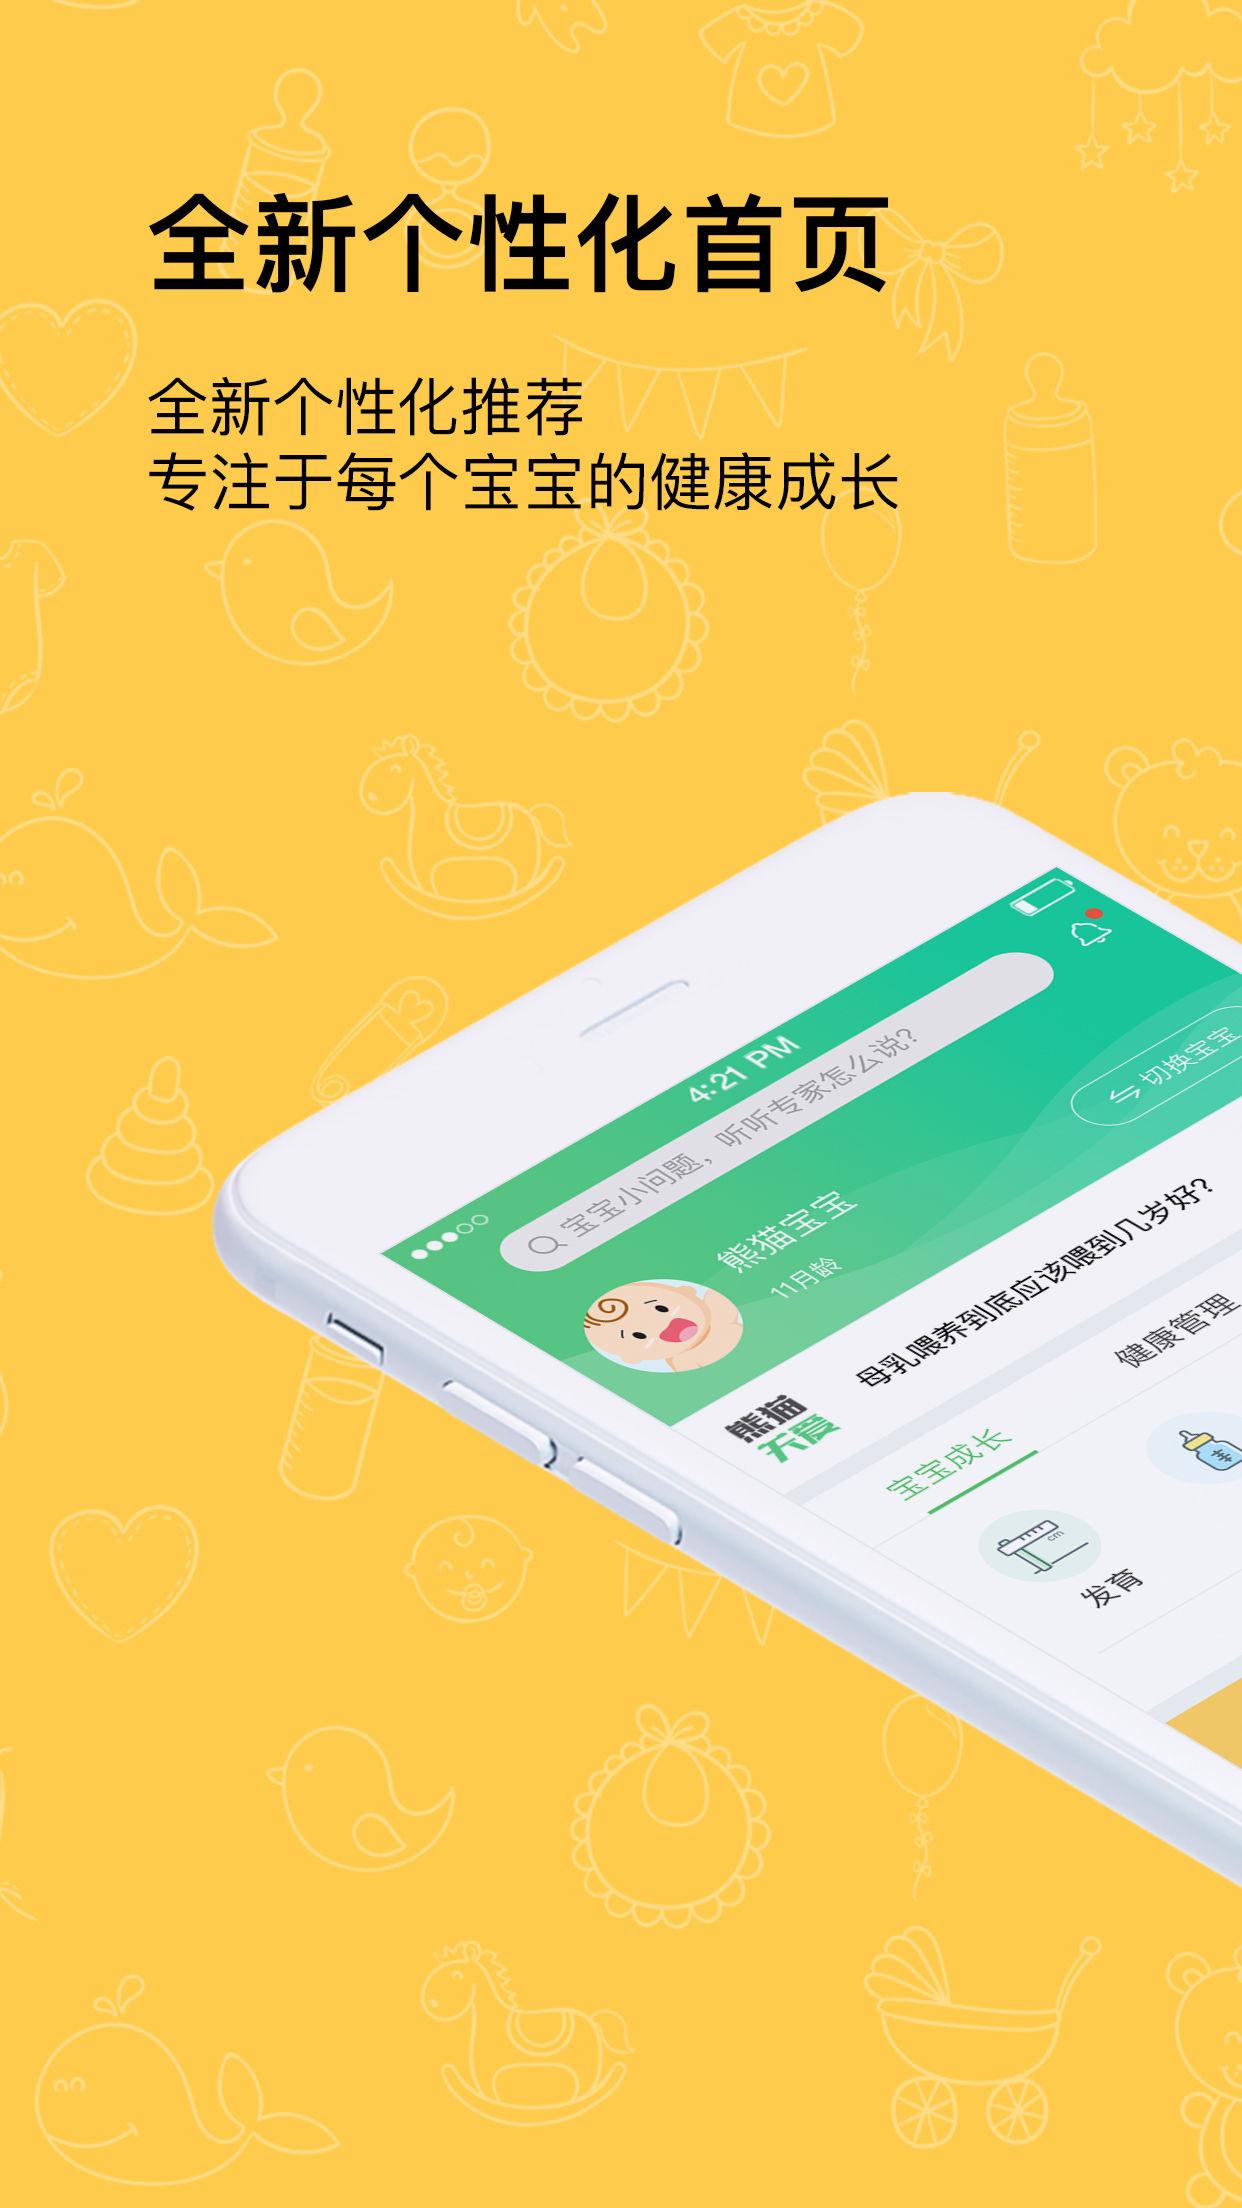 熊猫儿科 V3.1 安卓版截图1